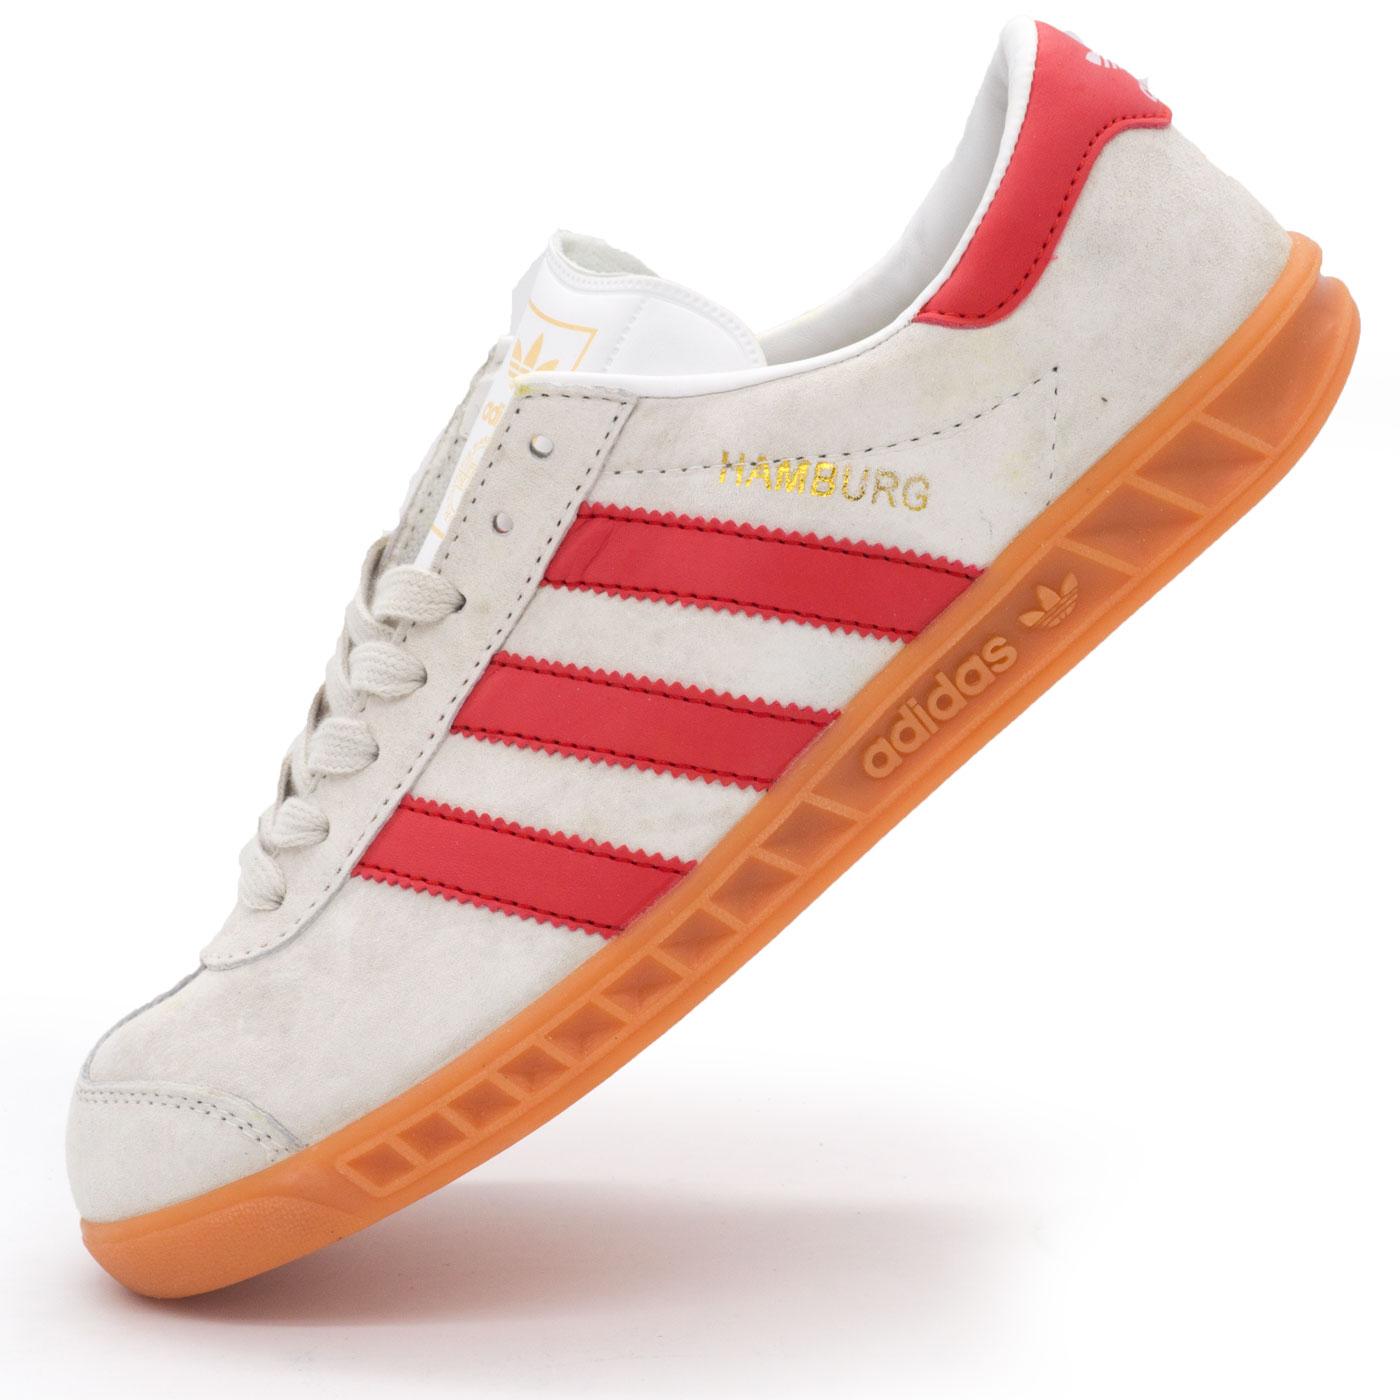 фото main Кроссовки Adidas Hamburg светло серые с красным - Натуральная замша - Топ качество! main